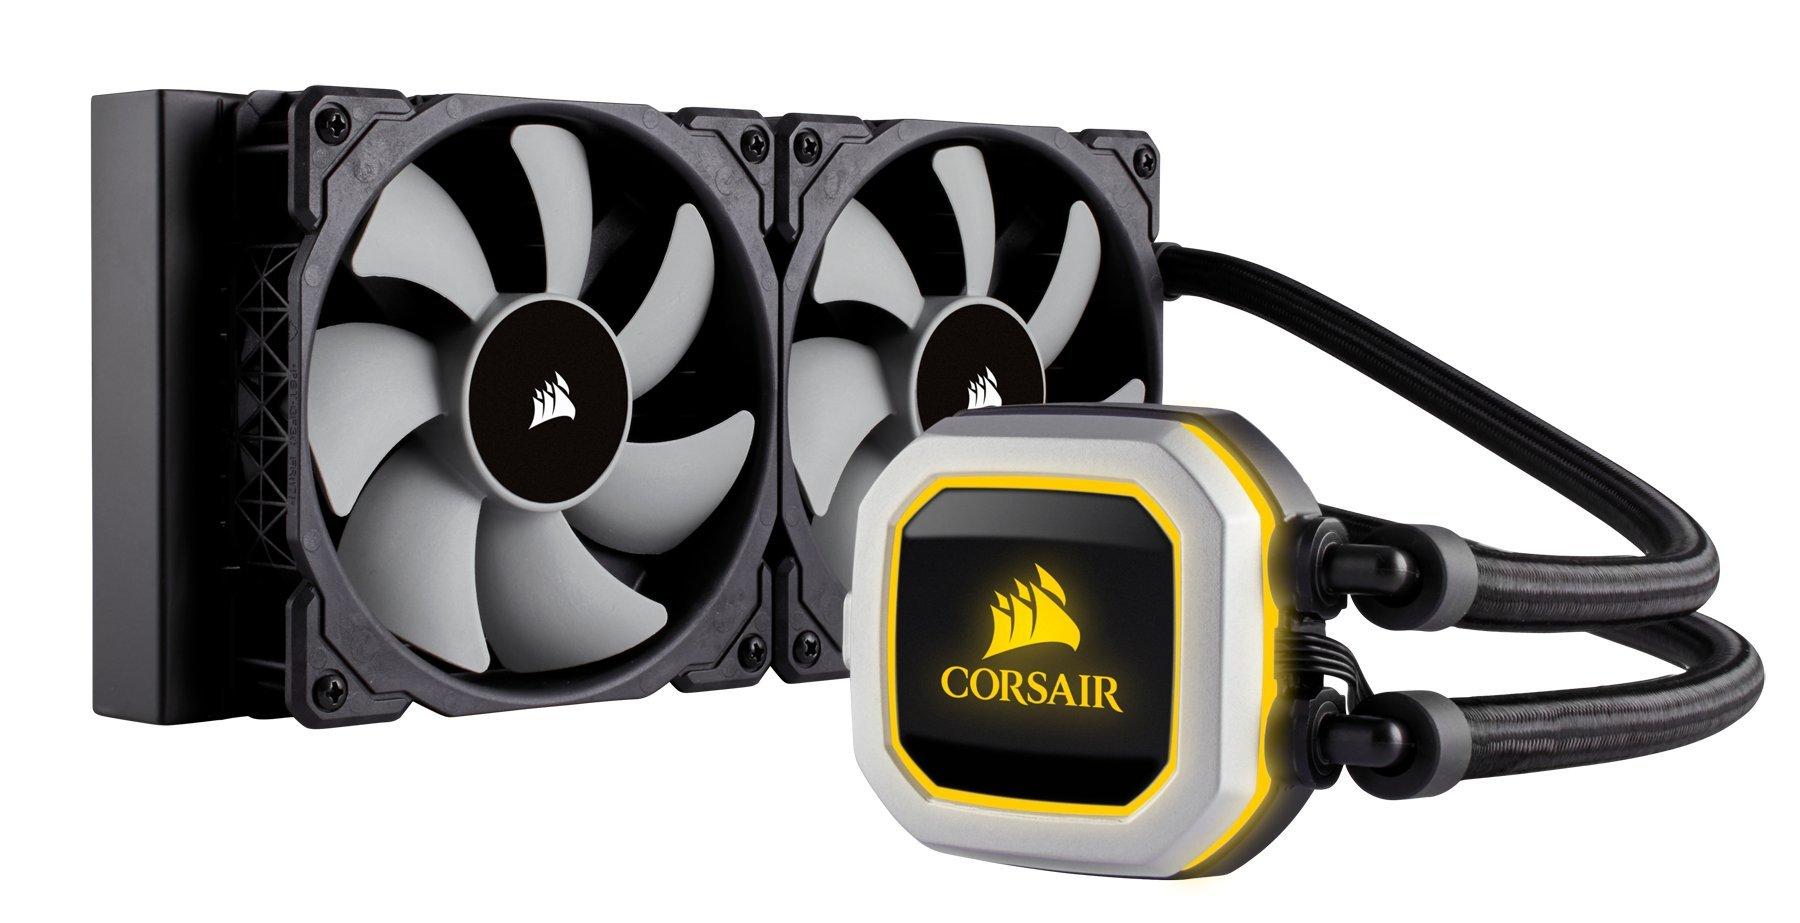 CORSAIR HYDRO Series H100i PRO RGB AIO Liquid CPU Cooler, 240mm, Dual ML120 PWM Fans, Intel 115x/2066, AMD AM4 by Corsair (Image #8)